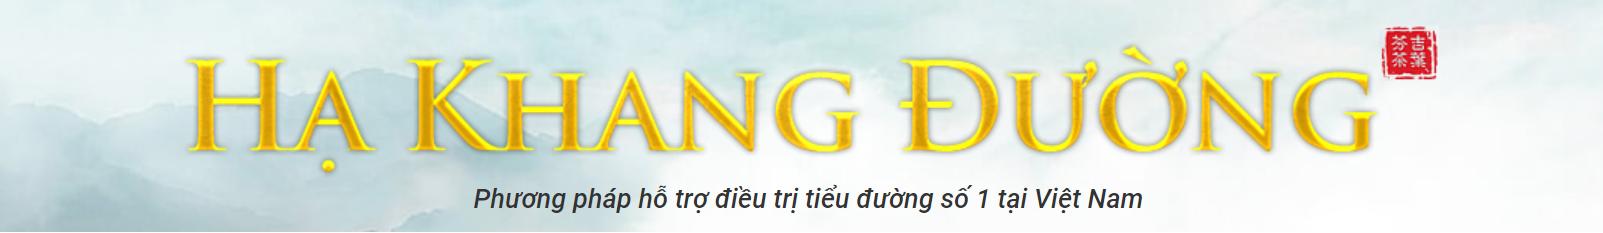 tri-benh-tieu-duong-logo